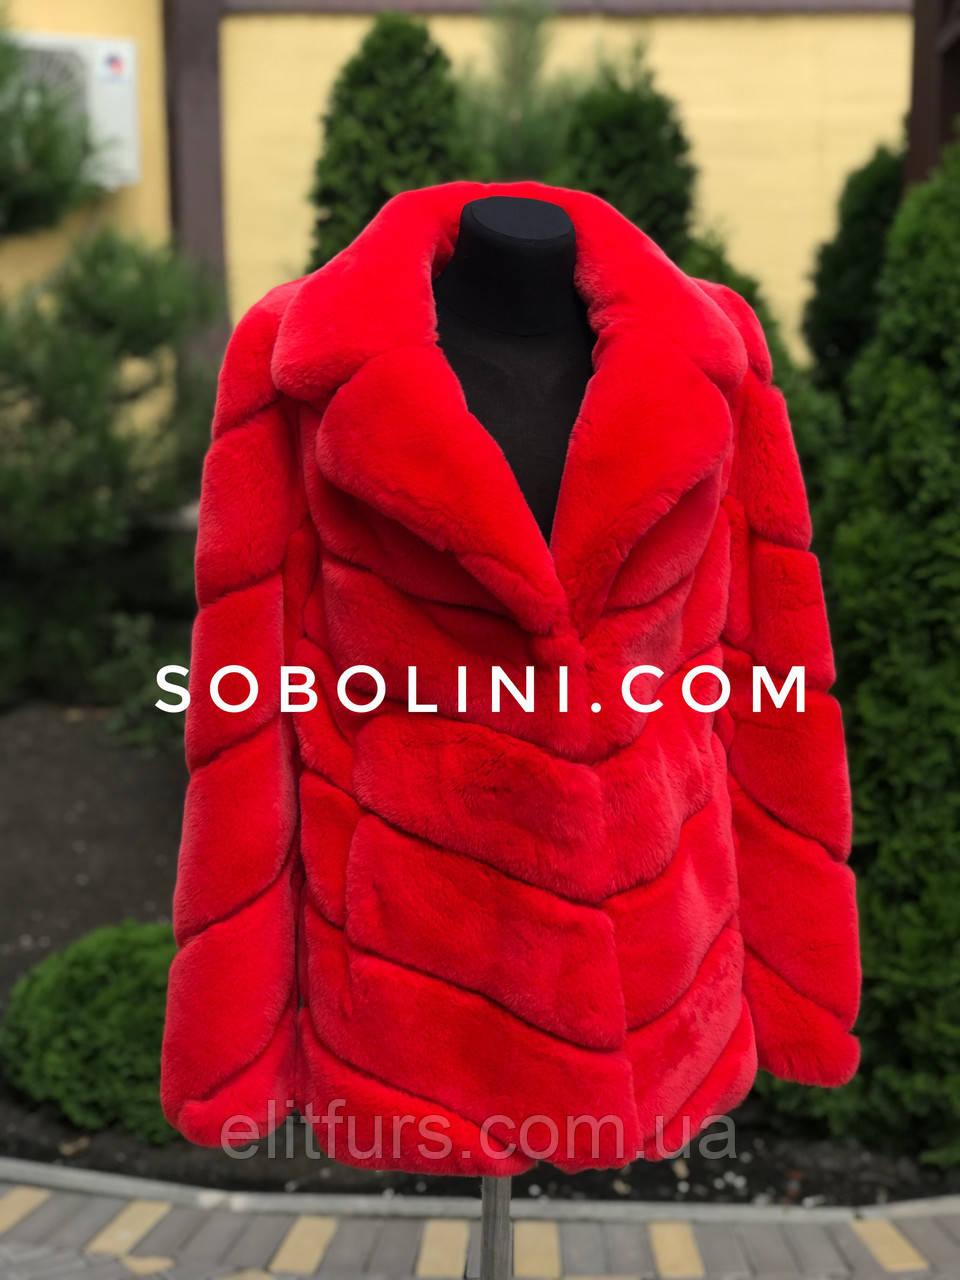 Полушубок красный из кролика рекс, размер 44